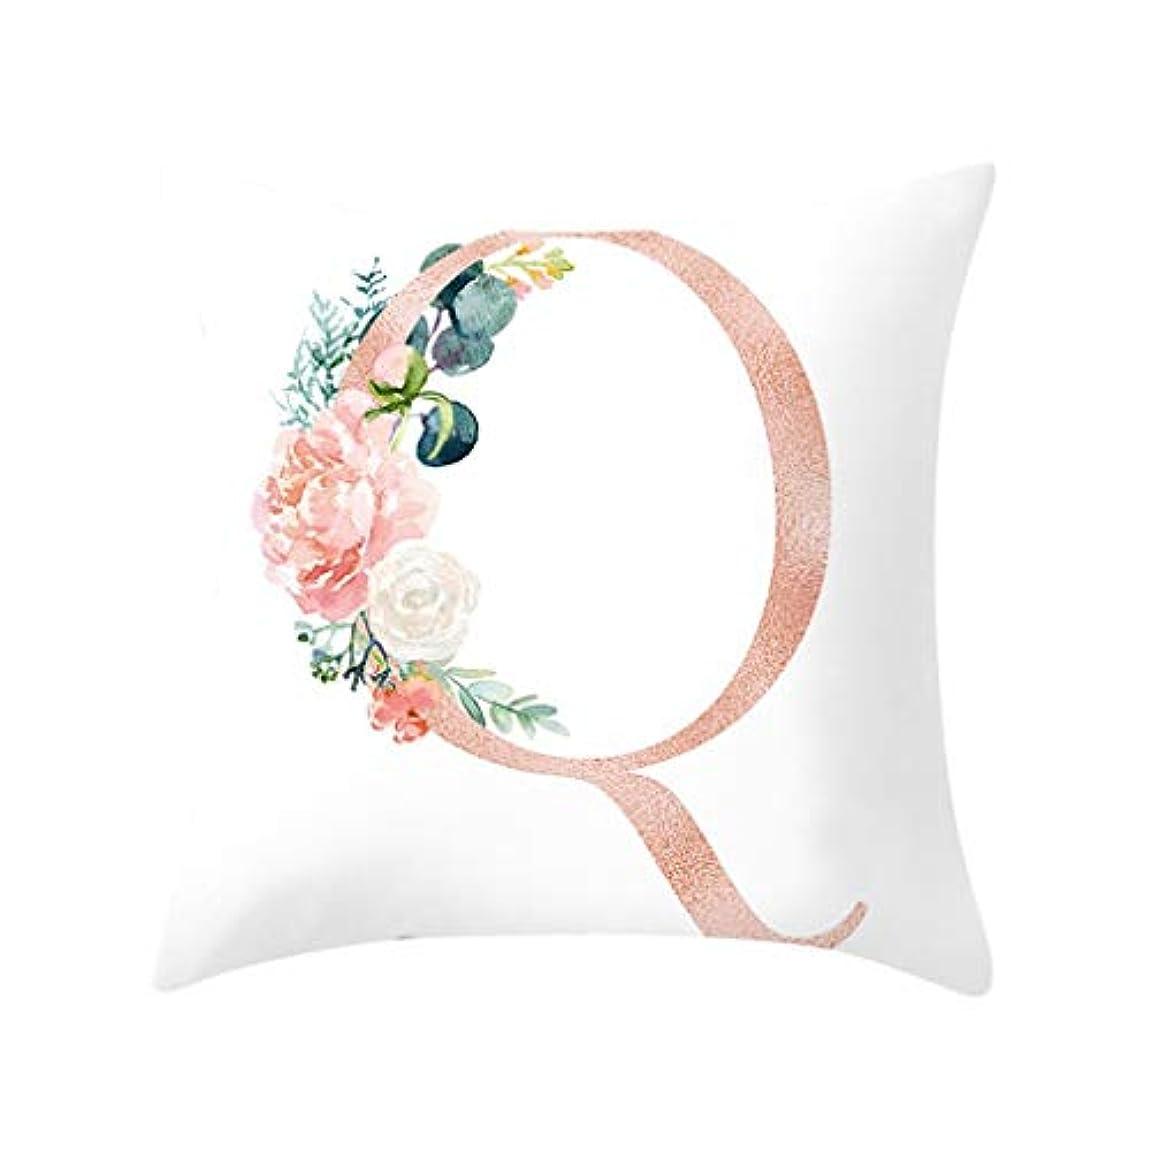 代数的フェミニンショルダーLIFE 装飾クッションソファ手紙枕アルファベットクッション印刷ソファ家の装飾の花枕 coussin decoratif クッション 椅子